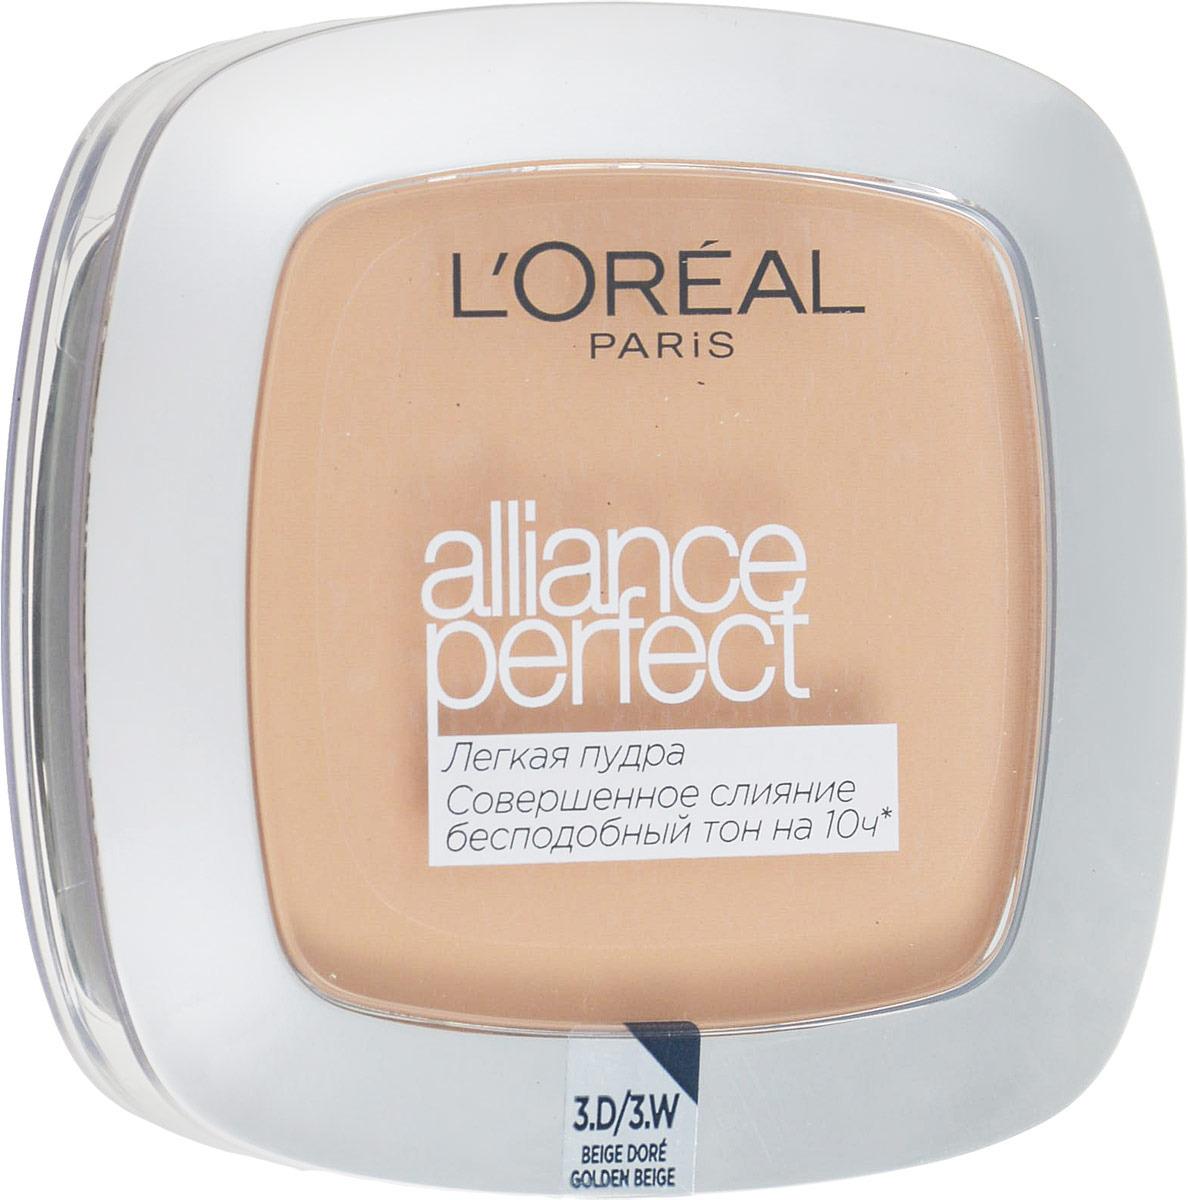 L'Oreal Paris Пудра Alliance Perfect, Совершенное слияние, выравнивающая и увлажняющая, оттенок D3, Светло-бежевый золотистый, 9 гр alliance 324 9 5 32 tt